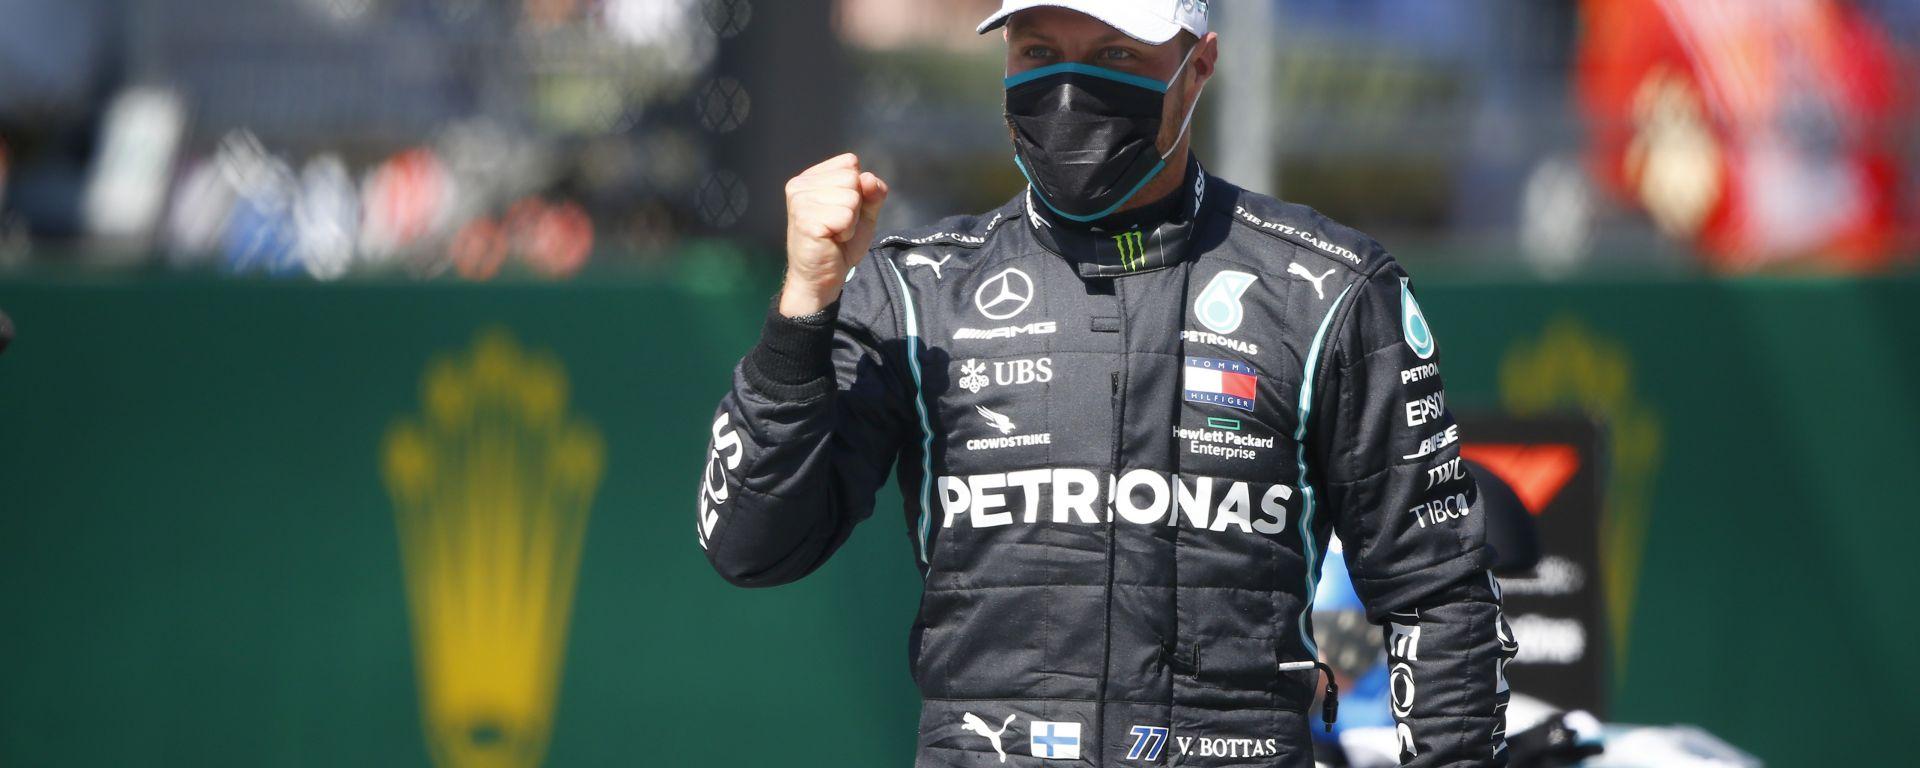 F1 GP Austria 2020, Red Bull Ring: Valtteri Bottas (Mercedes) esulta dopo la pole